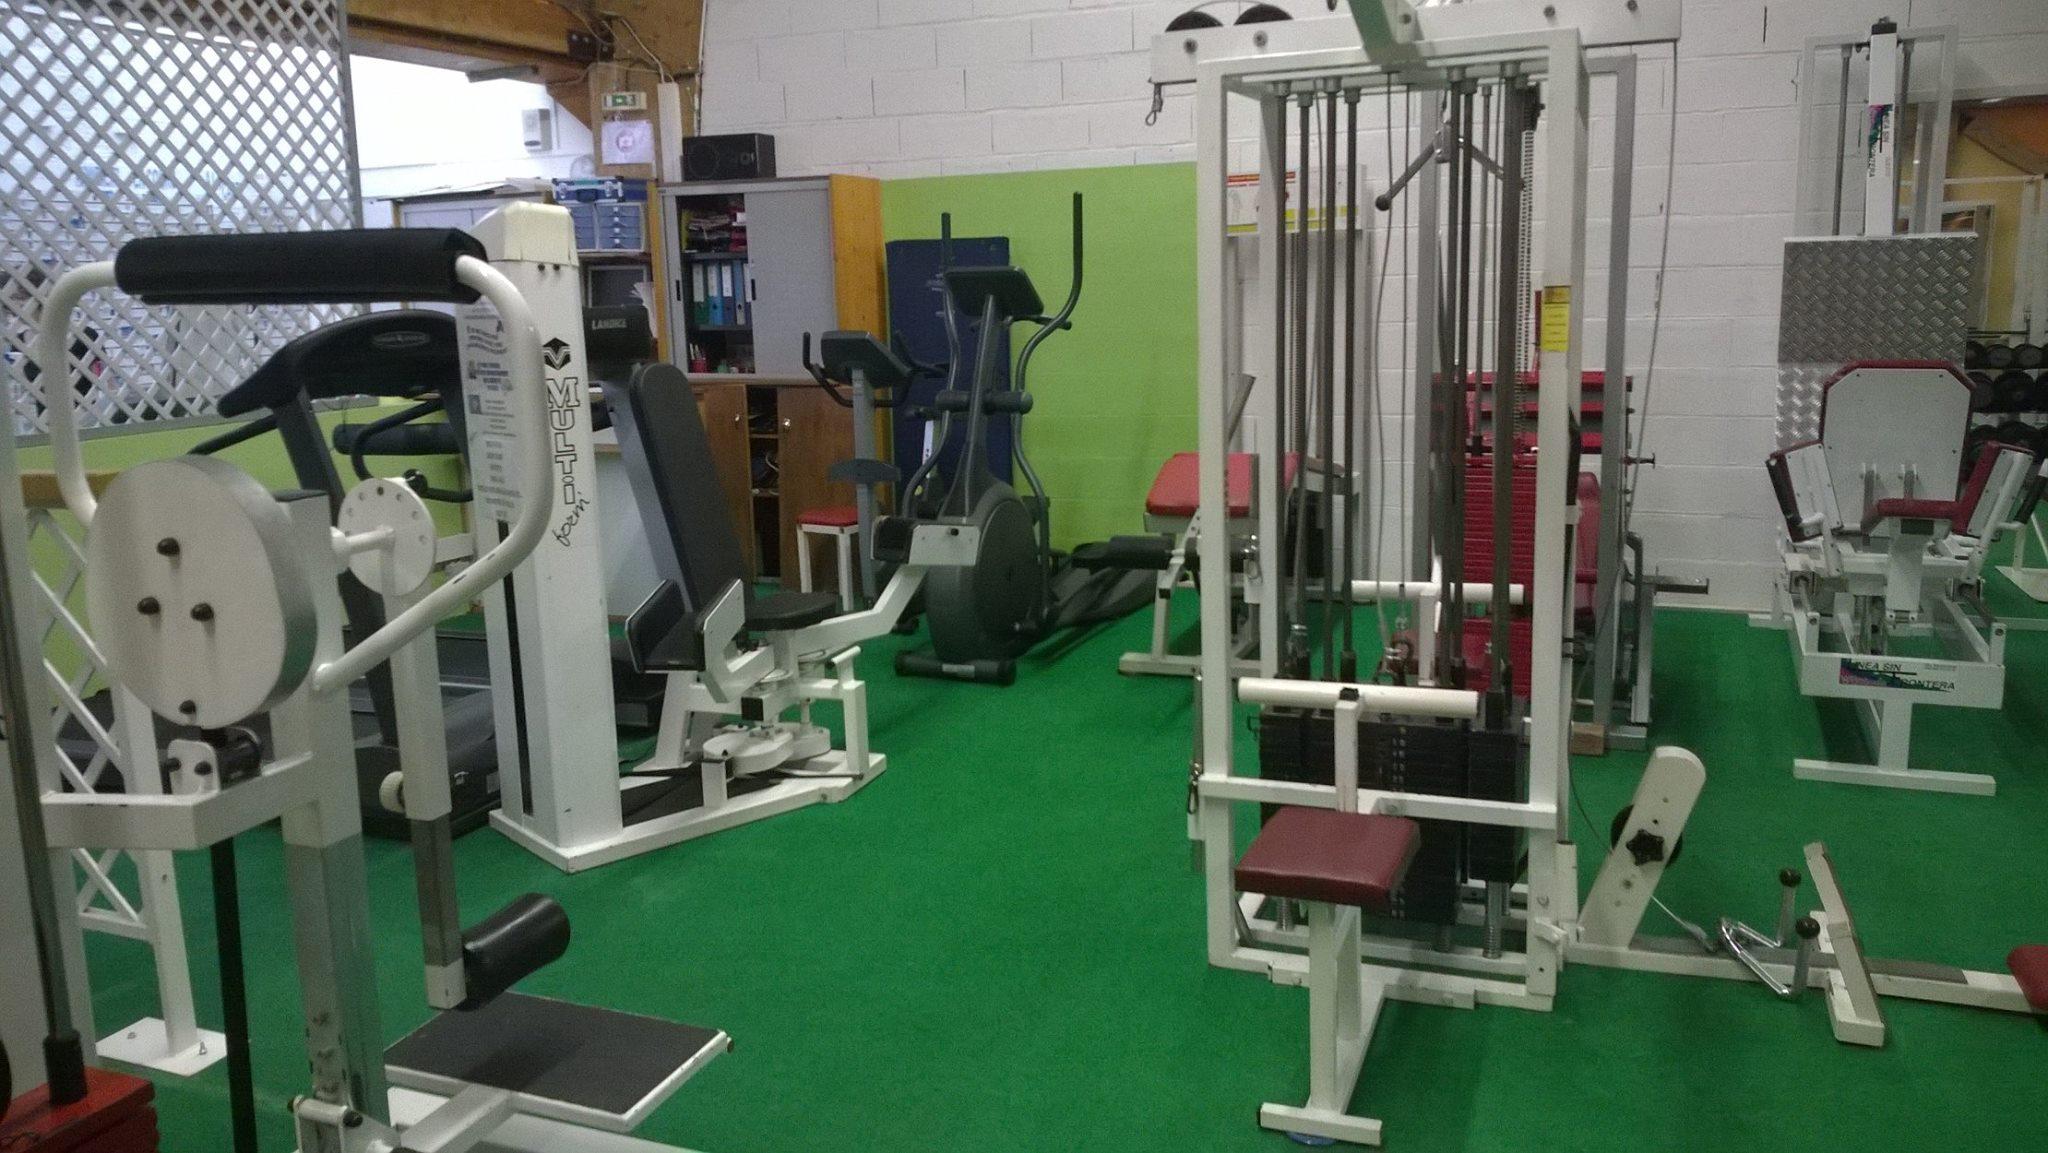 Fitness Club La Ferte Sous Jouarre Bis 17 Rue De Reuil